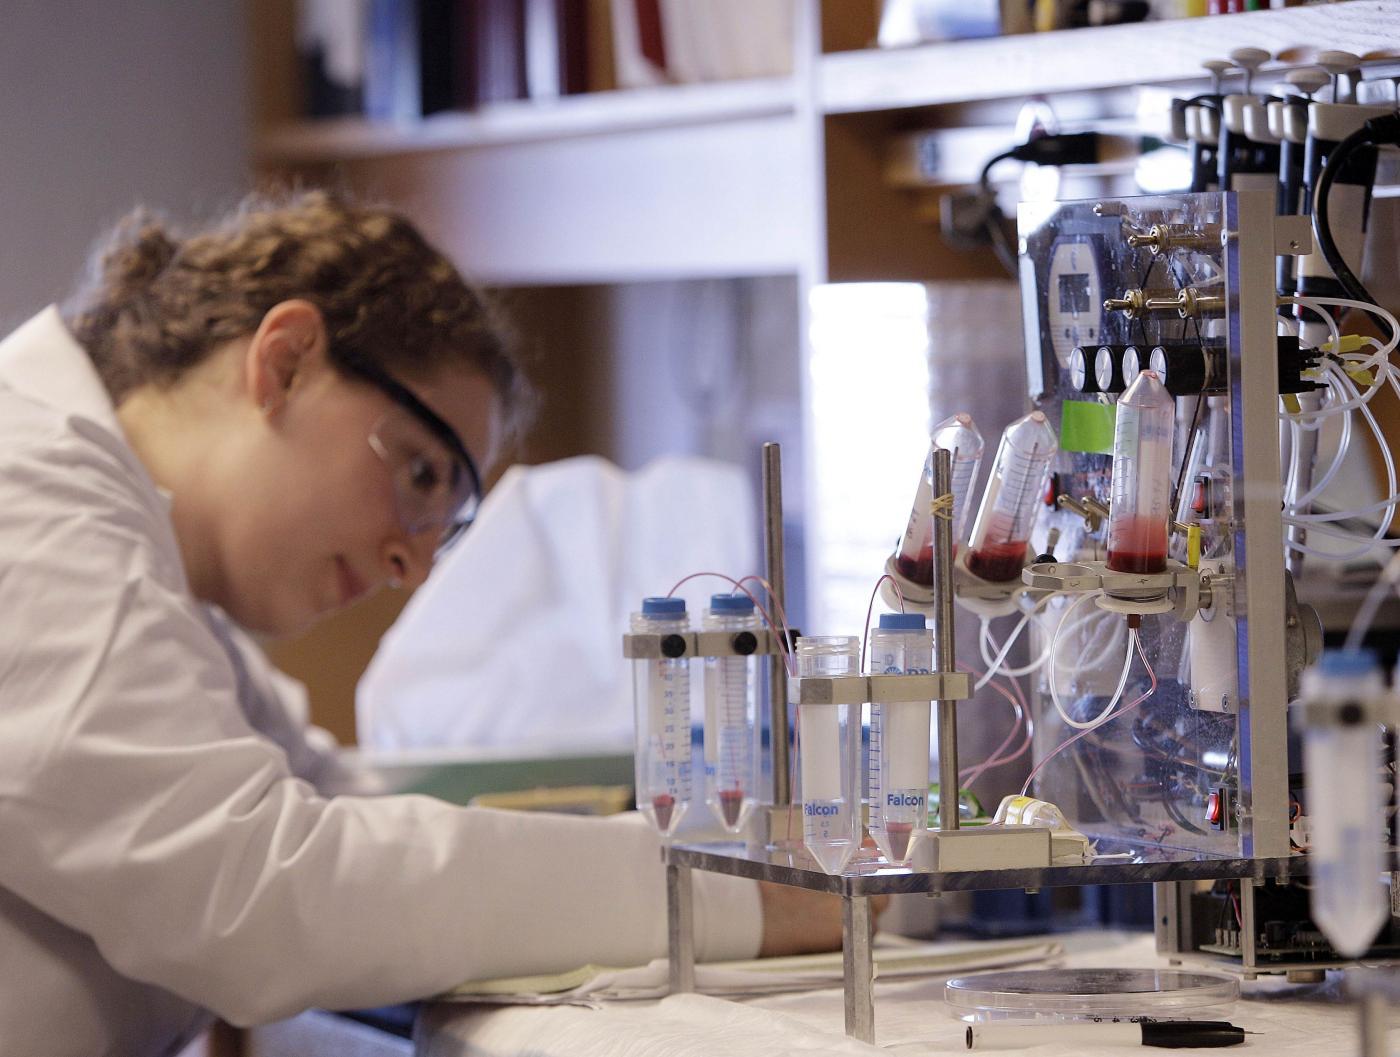 Tumori, individuata la proteina responsabile della diffusione delle metastasi